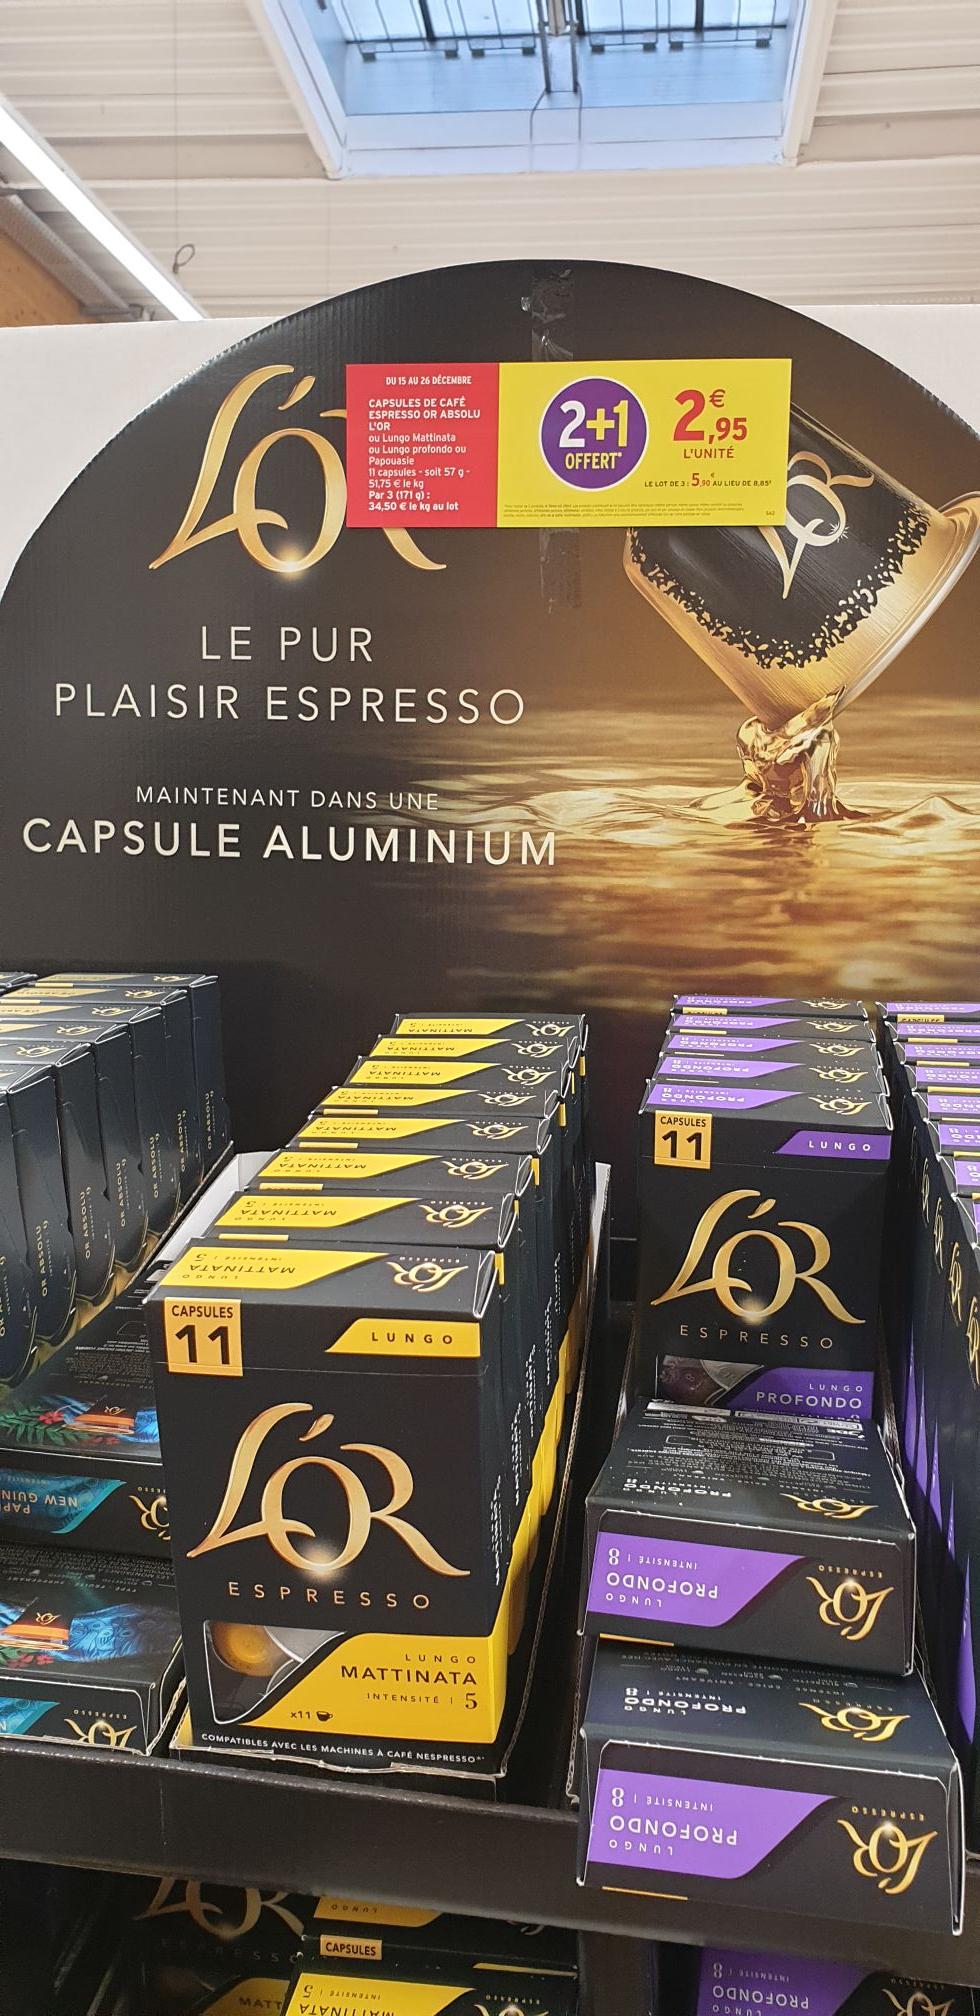 Lot de 3 Boîtes de 11 capsules L'Or Nespresso (33 capsules) - Orchies (59)